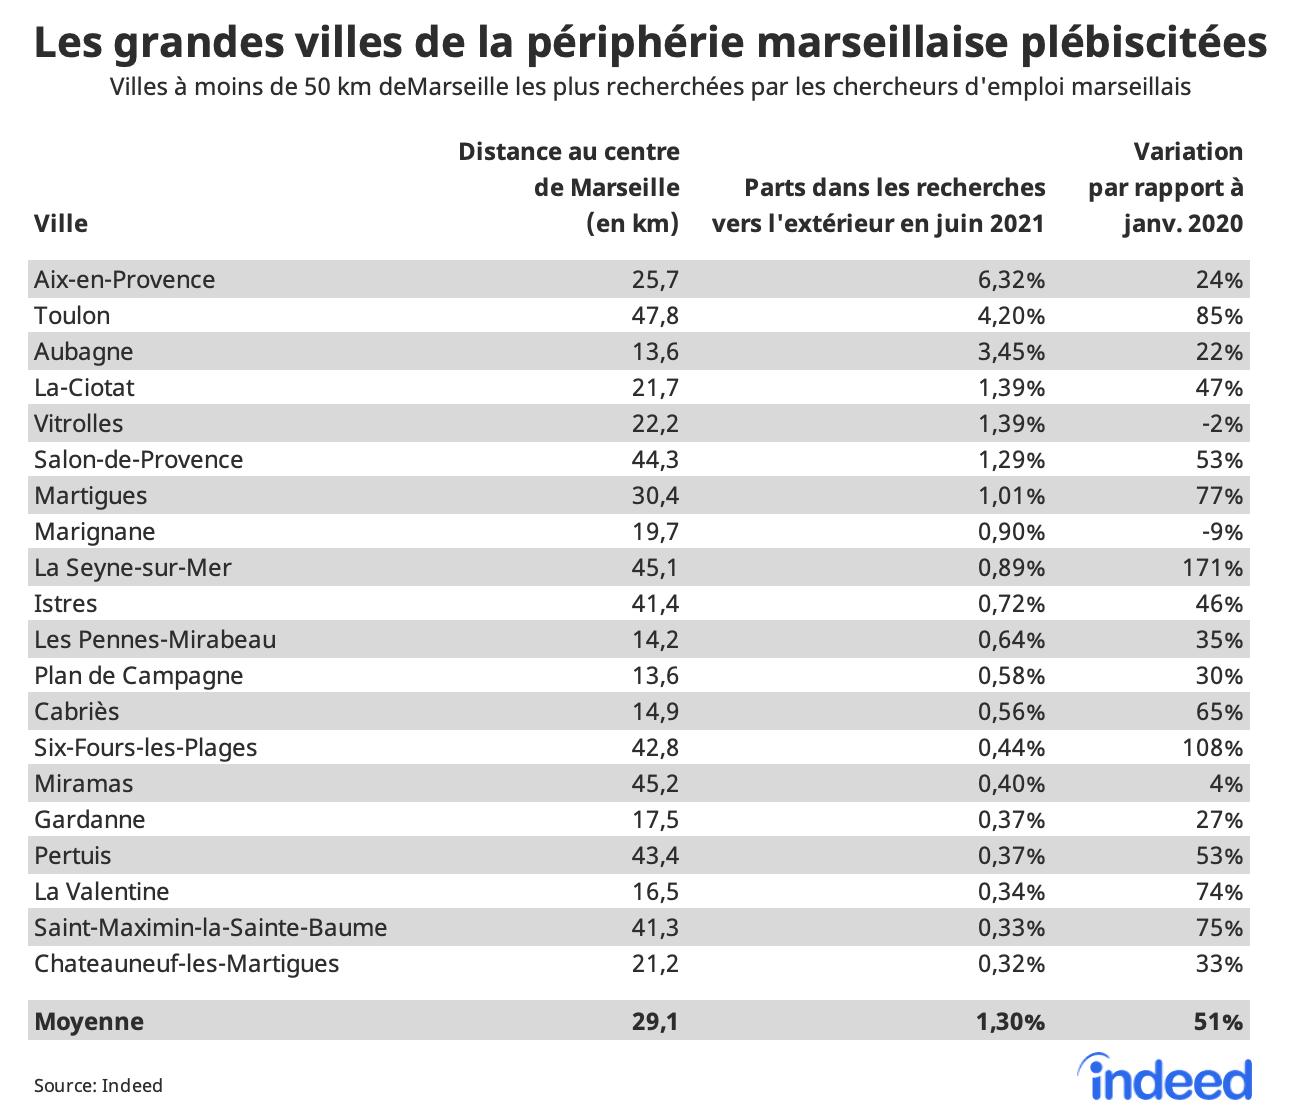 Le tableau figure les villes à moins de 50 km de Marseille les plus recherchées par les chercheurs d'emploi marseillais. Les colonnes affichent la distance des villes au centre de Marseille (en km), la part de la ville dans les recherches en dehors de Marseille en juin 2021 et la variation de cette part par rapport à janvier 2020, en %.